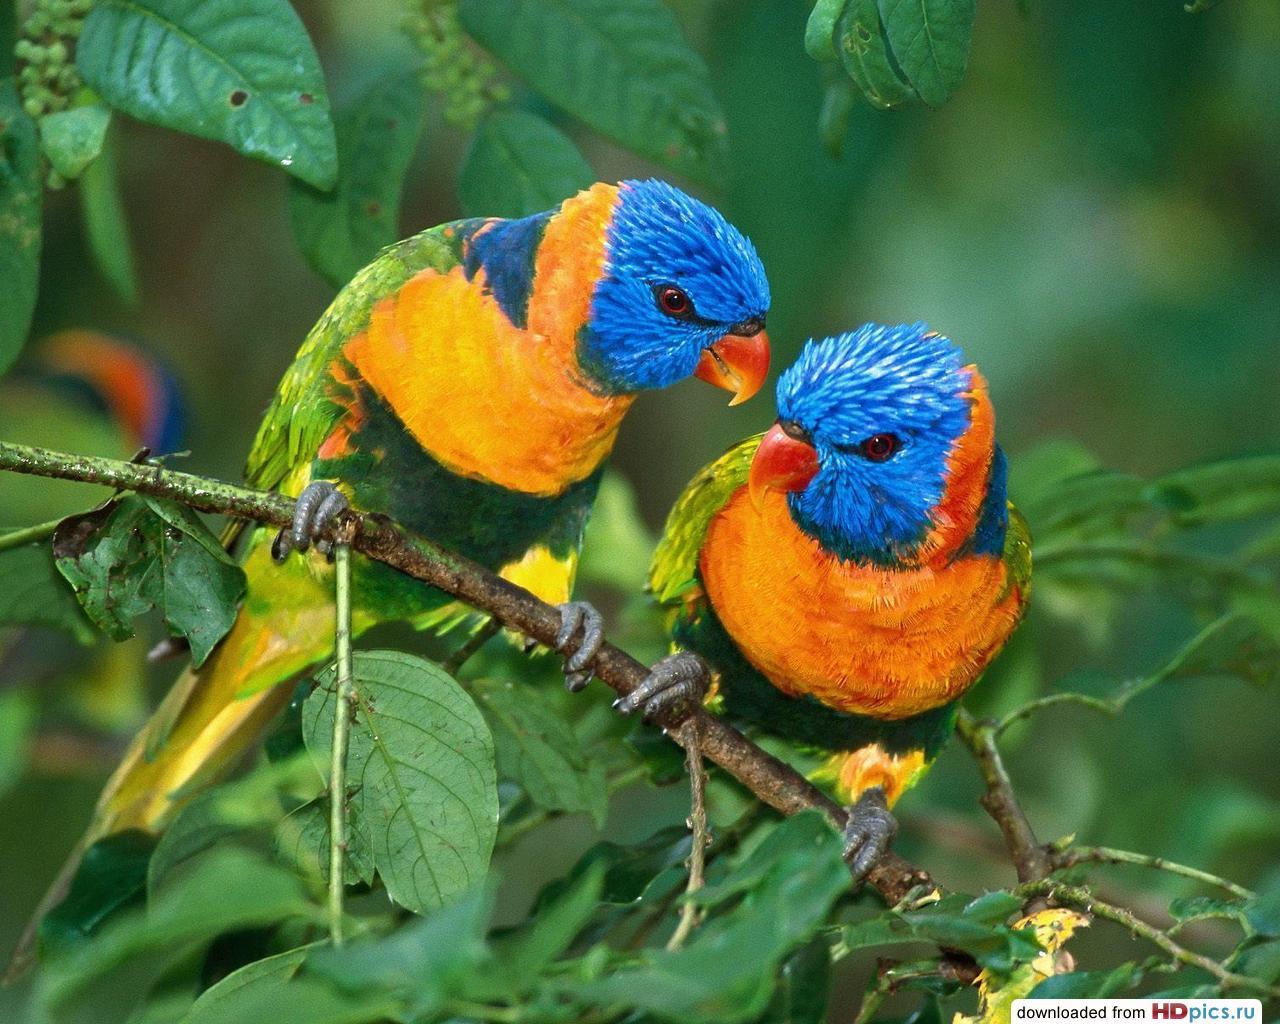 парочка красивых попугайчиков, скачать фото, бесплатно